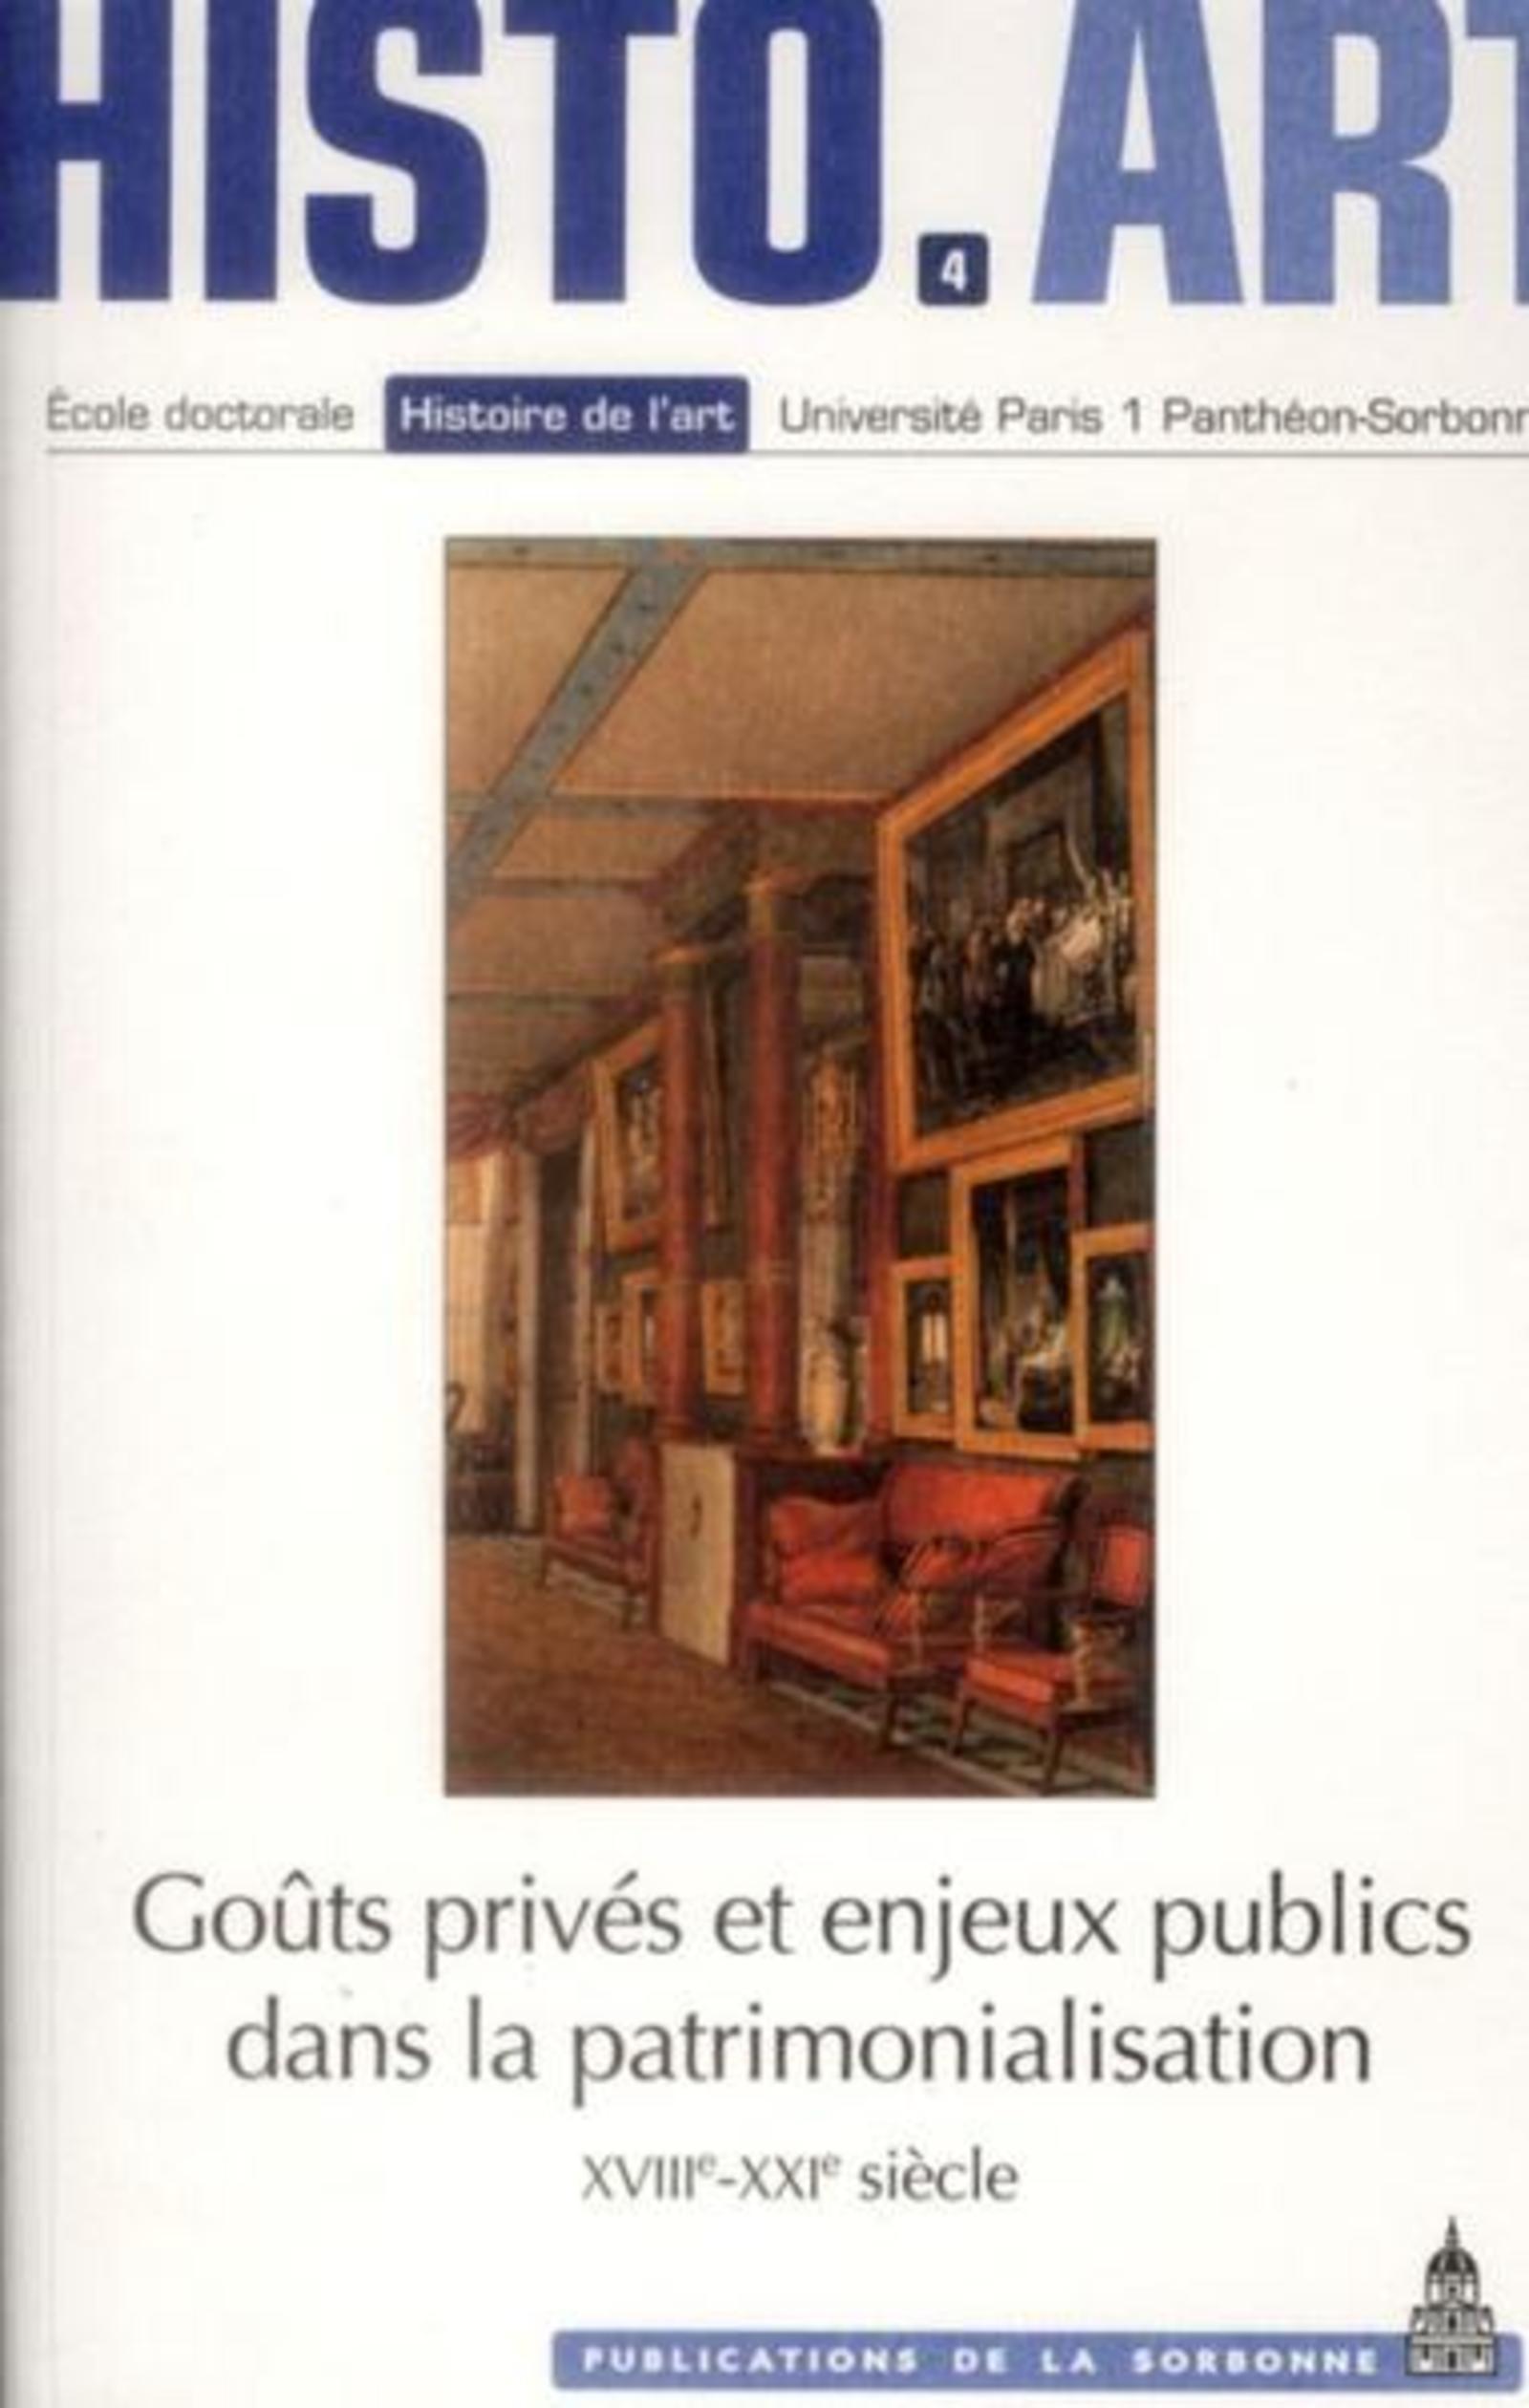 GOUTS PRIVES ET ENJEUX PUBLICS DANS LA PATRIMONALISATION XVIIIE XXIE SIECLES